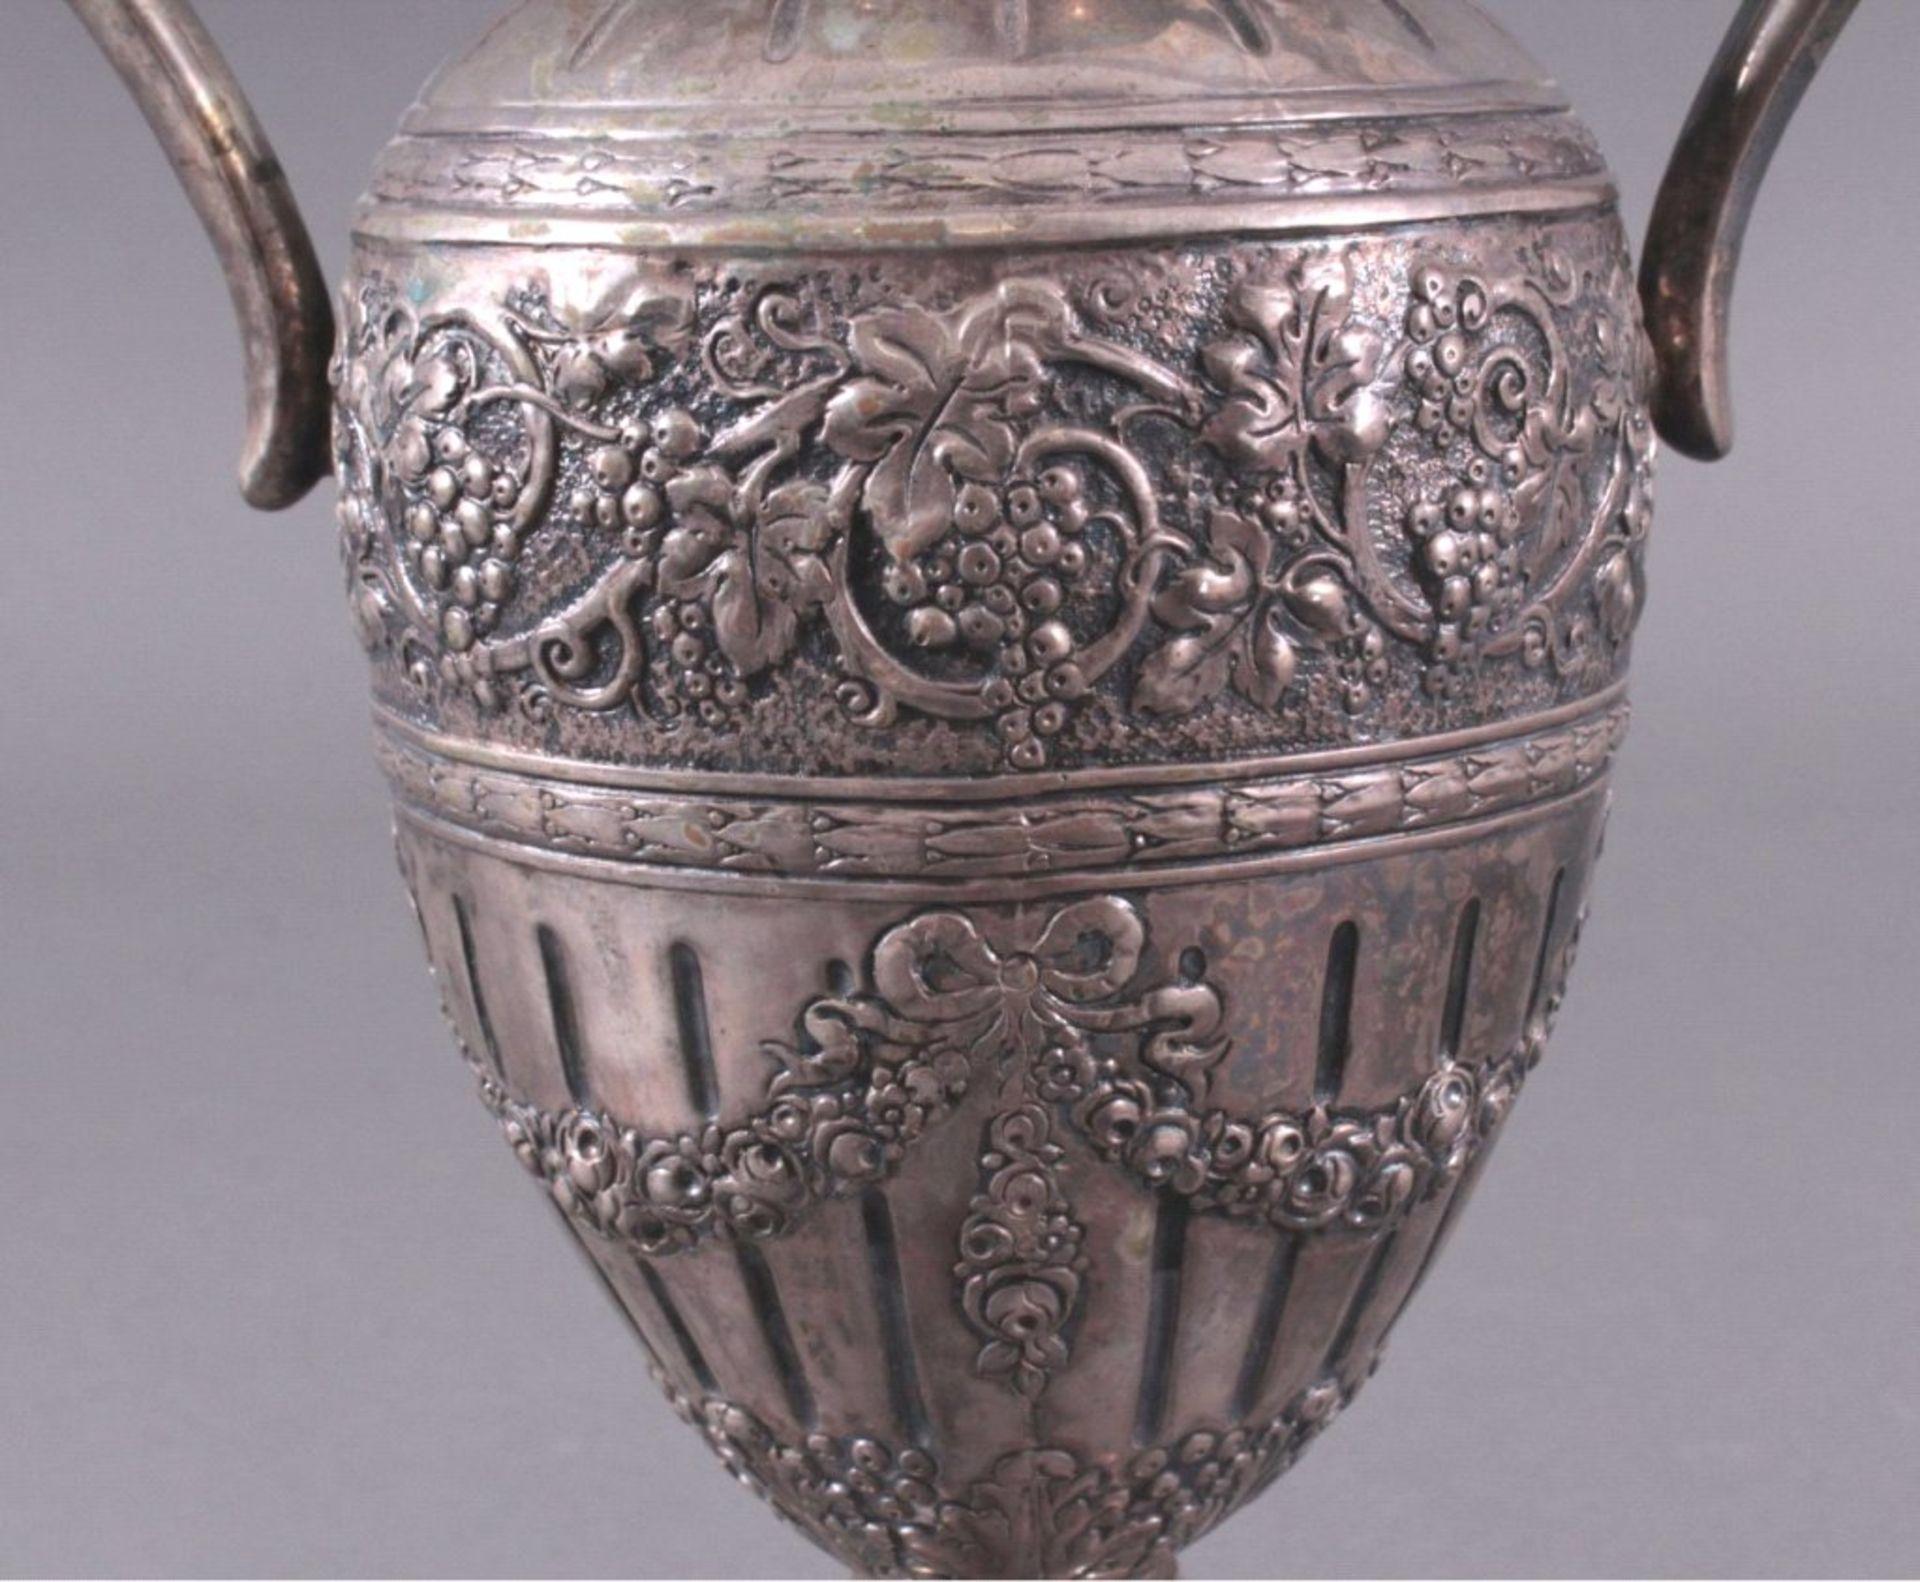 Amphorenvase, um 1900800er Silber, Sichel und Krone. Balusterförmig, Silbergetrieben, mit reichem - Bild 3 aus 4